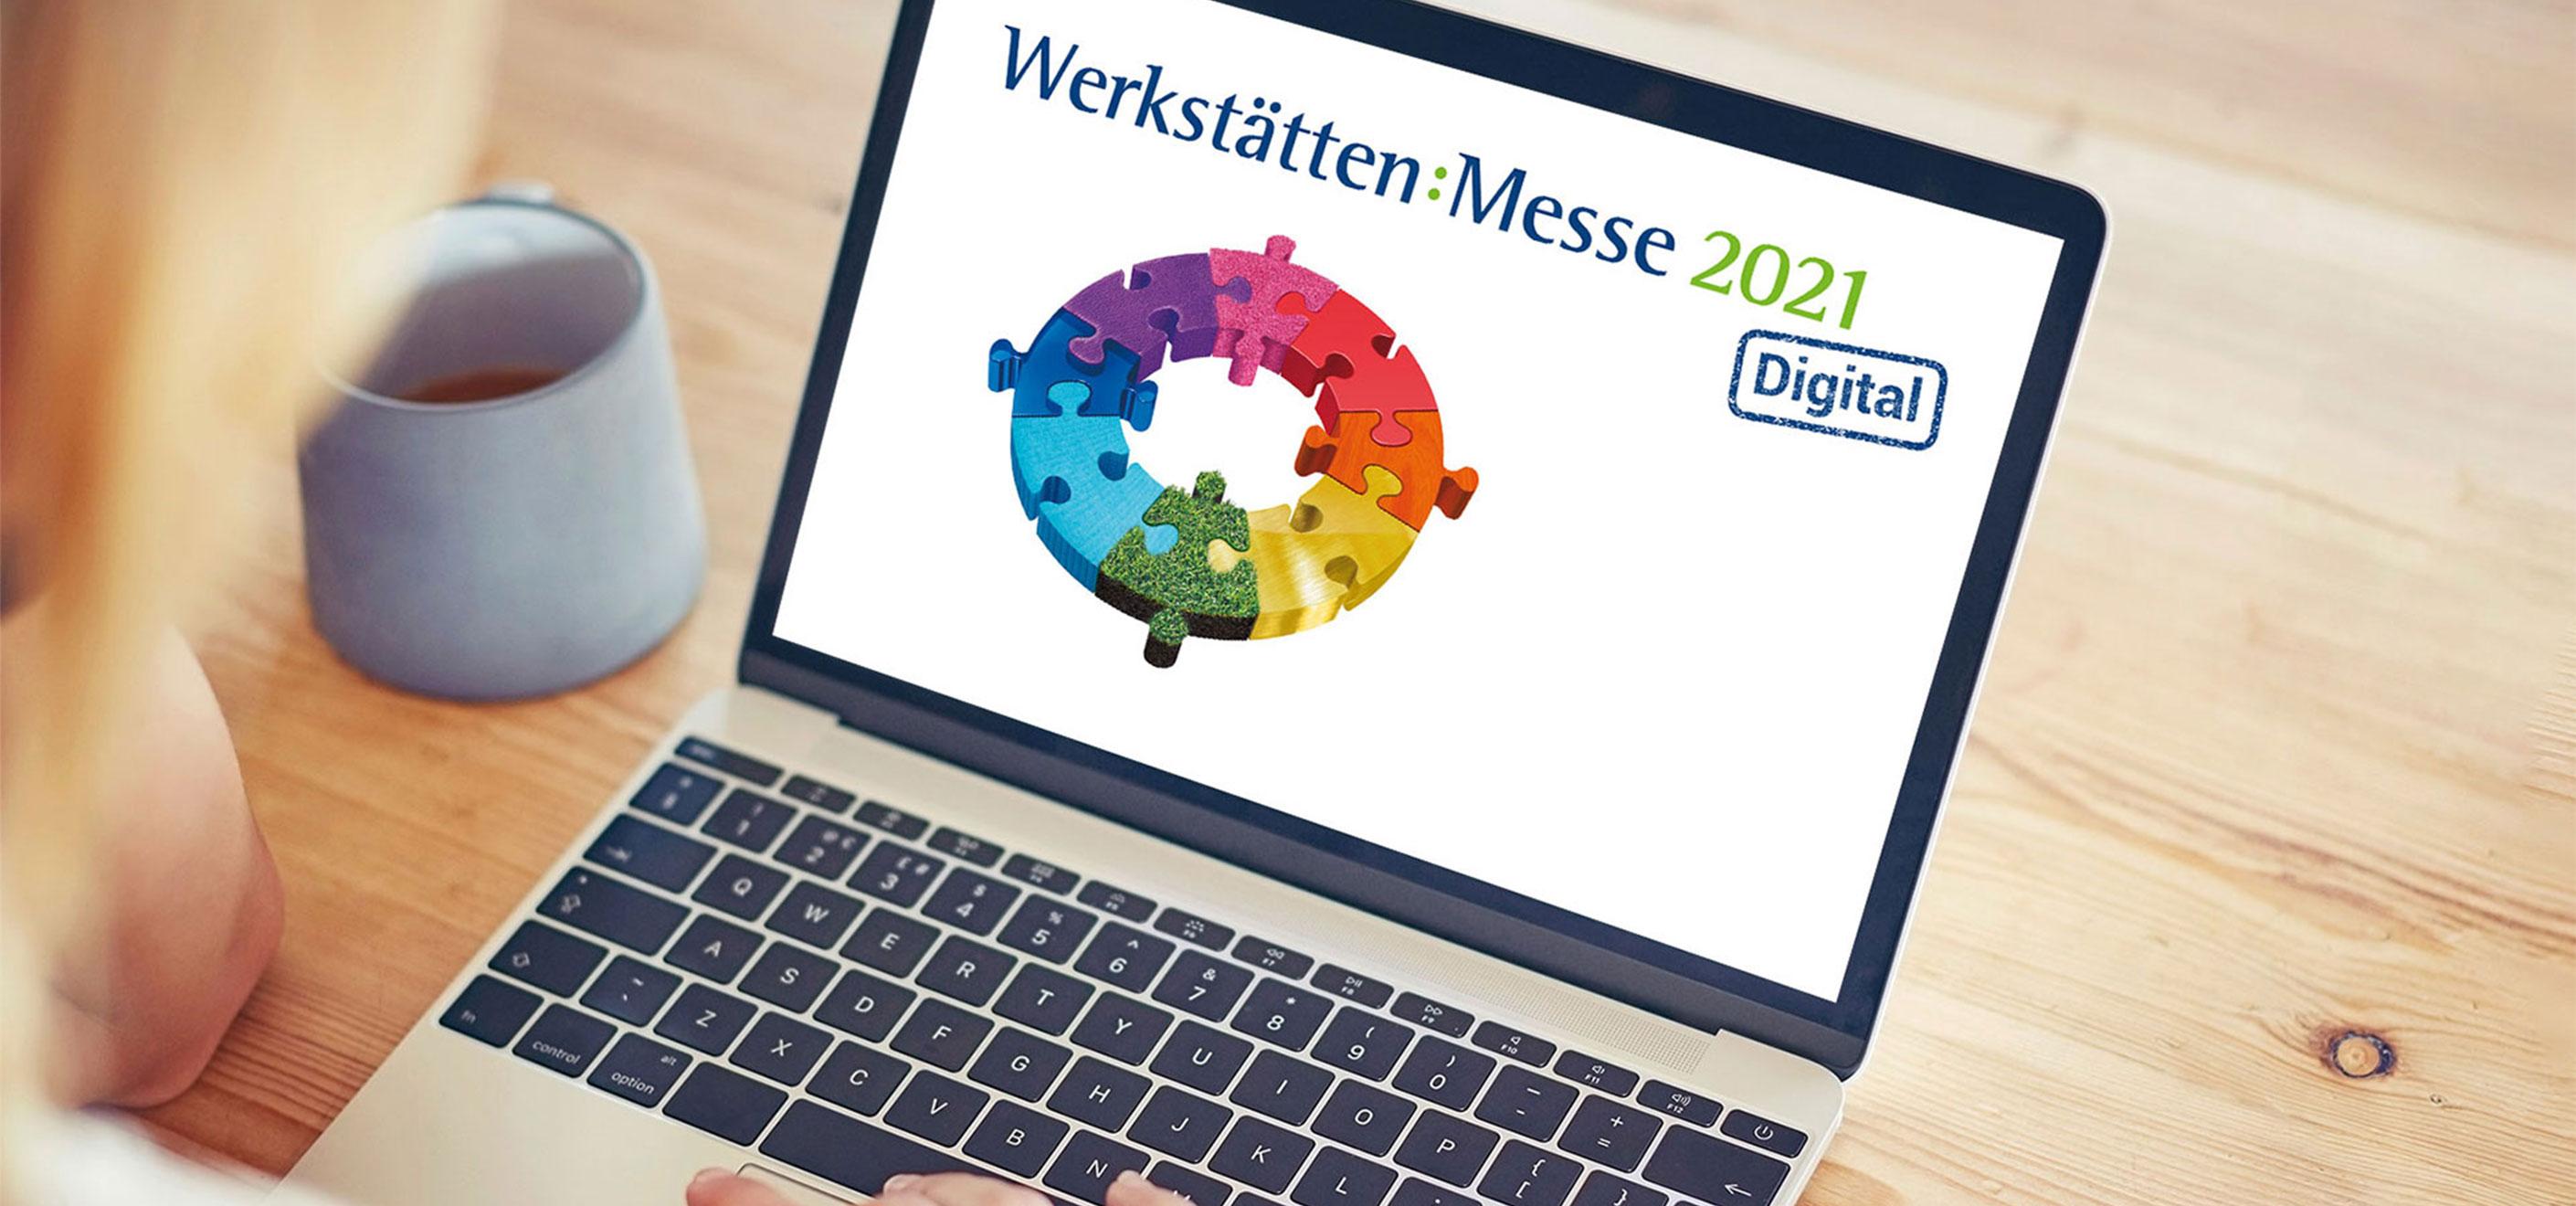 Werkstätten:Messe 2021 Digital